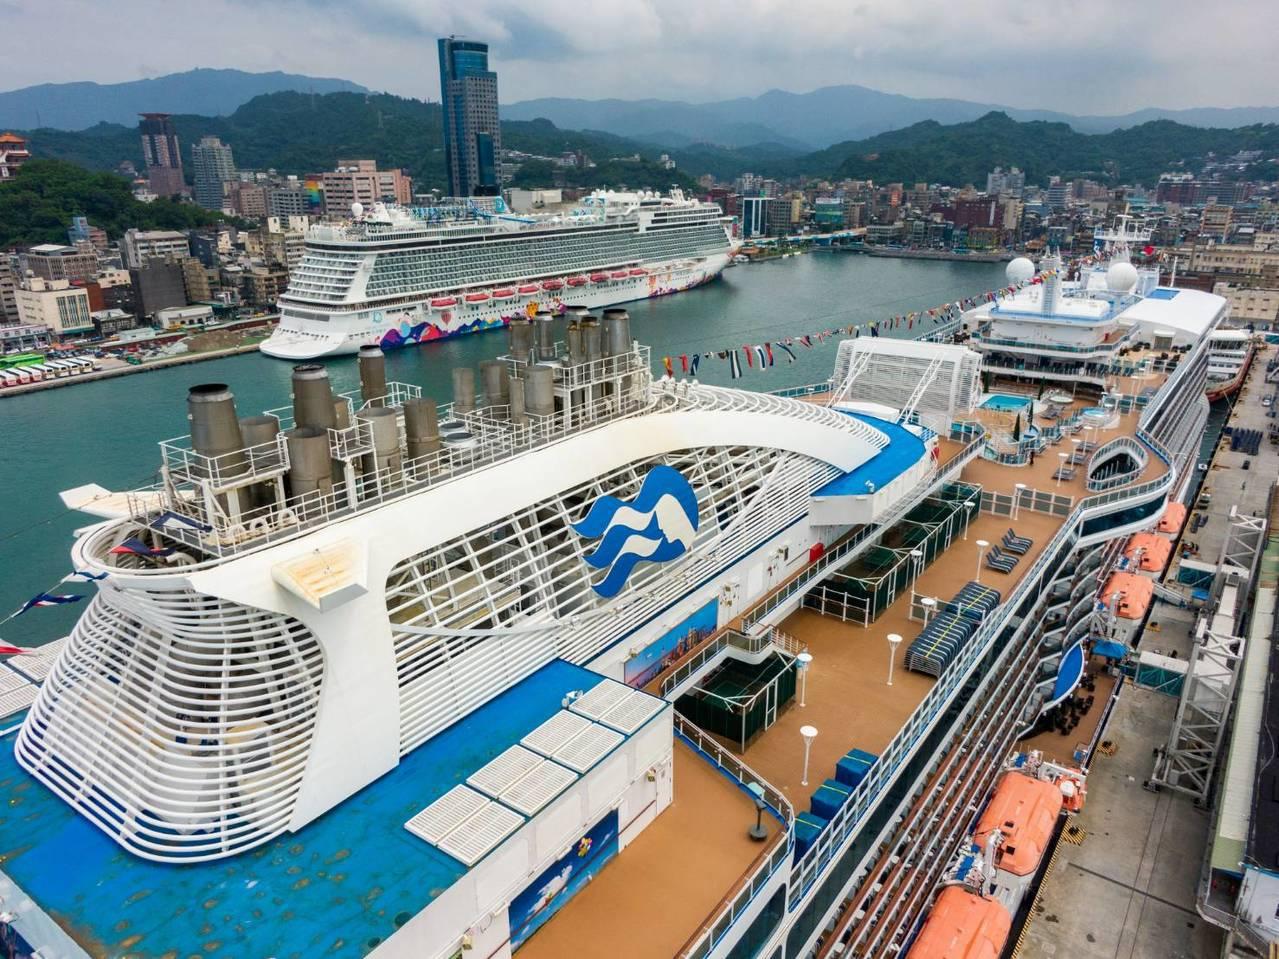 今年7月盛世公主(下)與世界夢(上)雙輪會。台灣港務公司基隆港務分公司提供